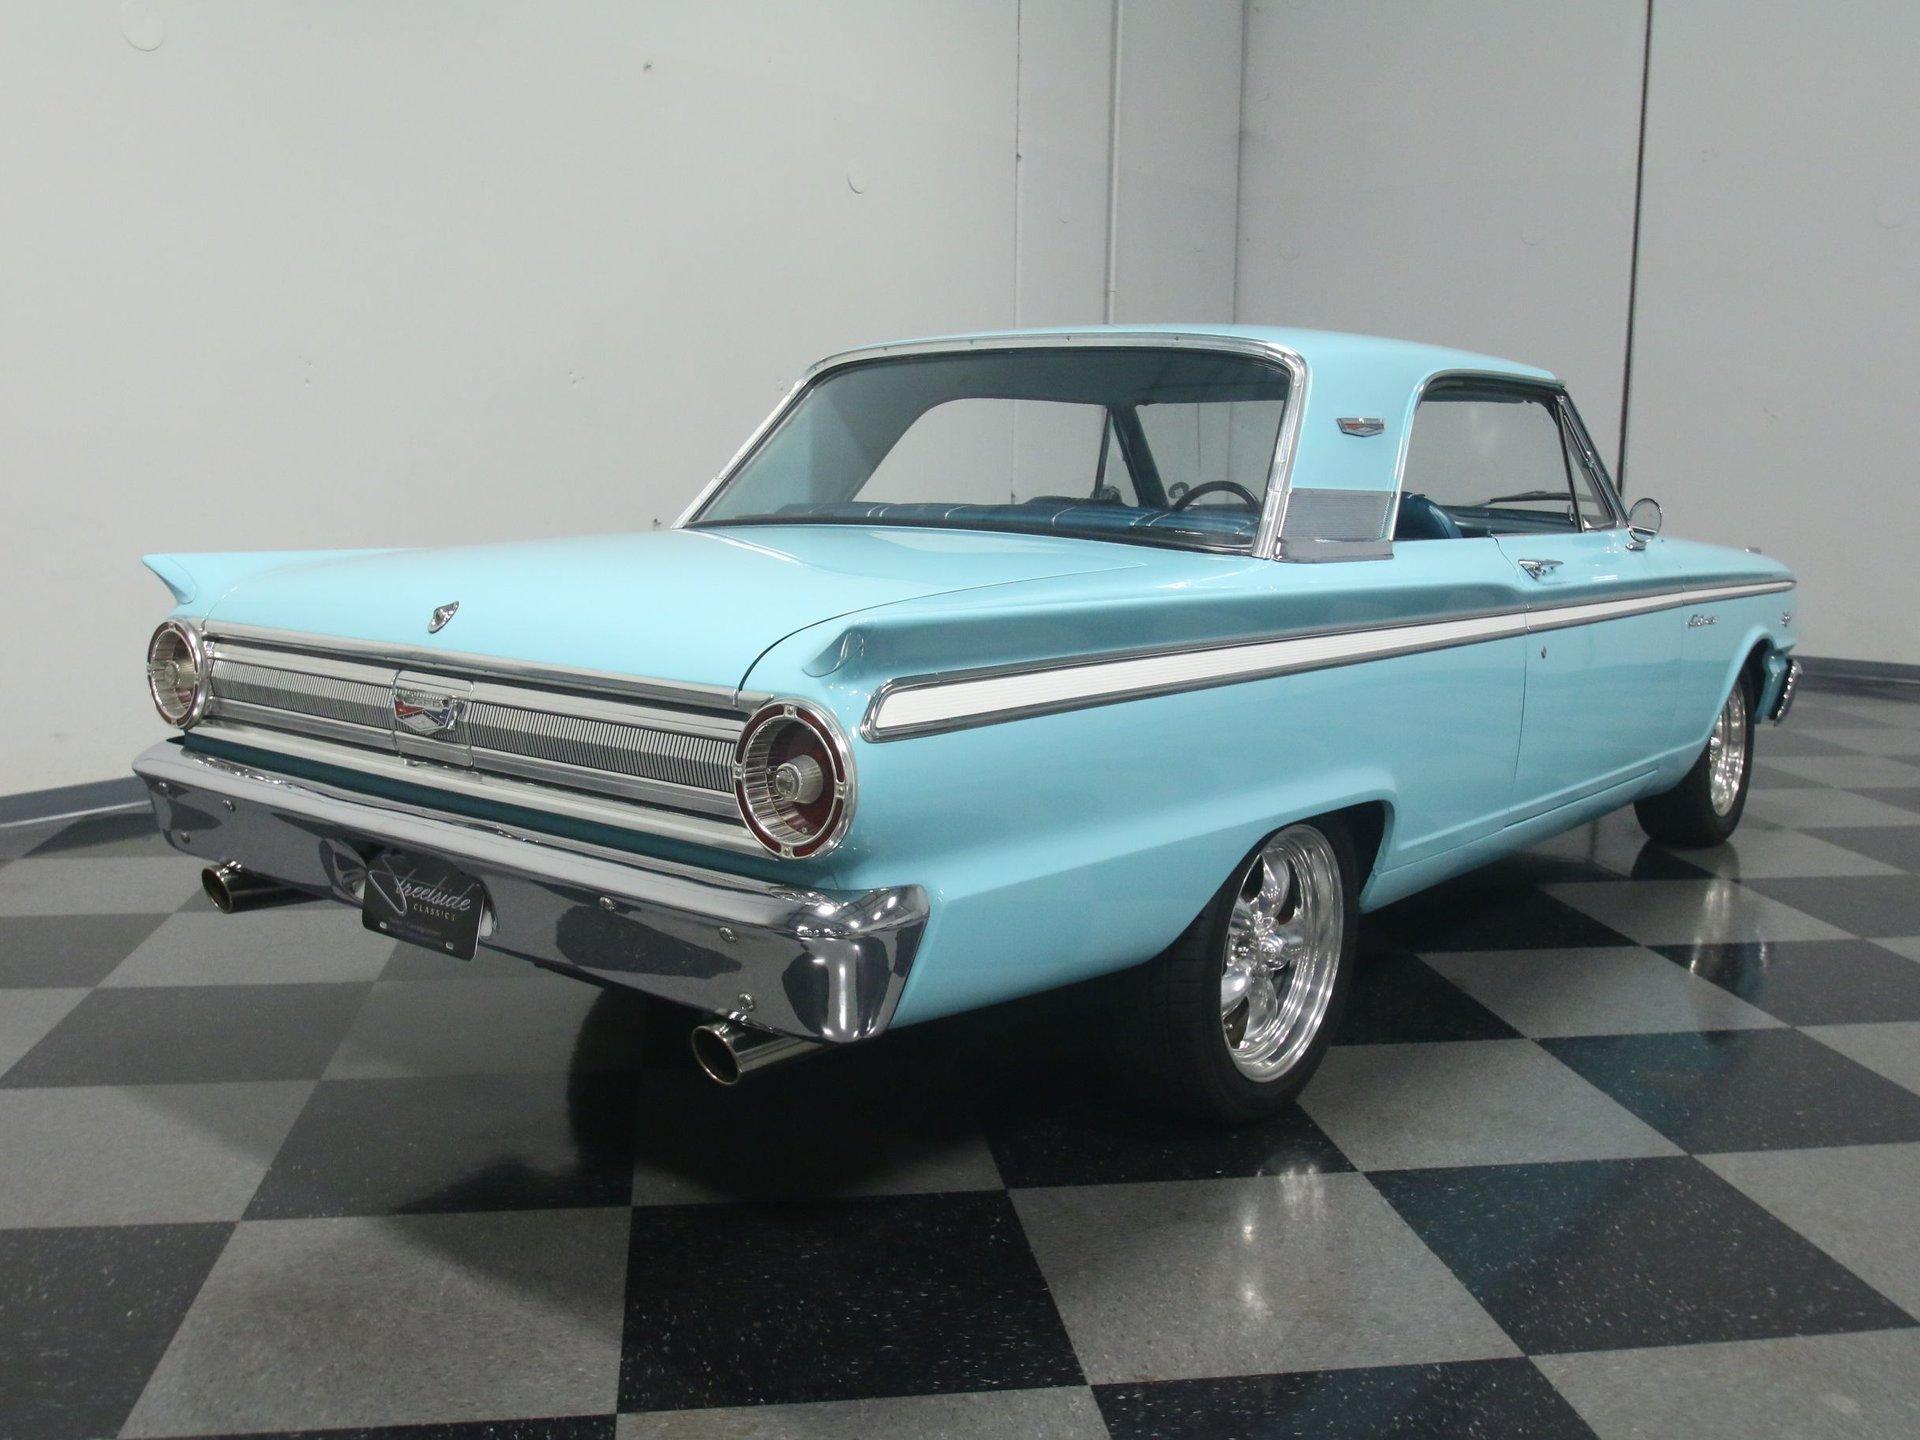 1963 Ford Fairlane | Berlin Motors